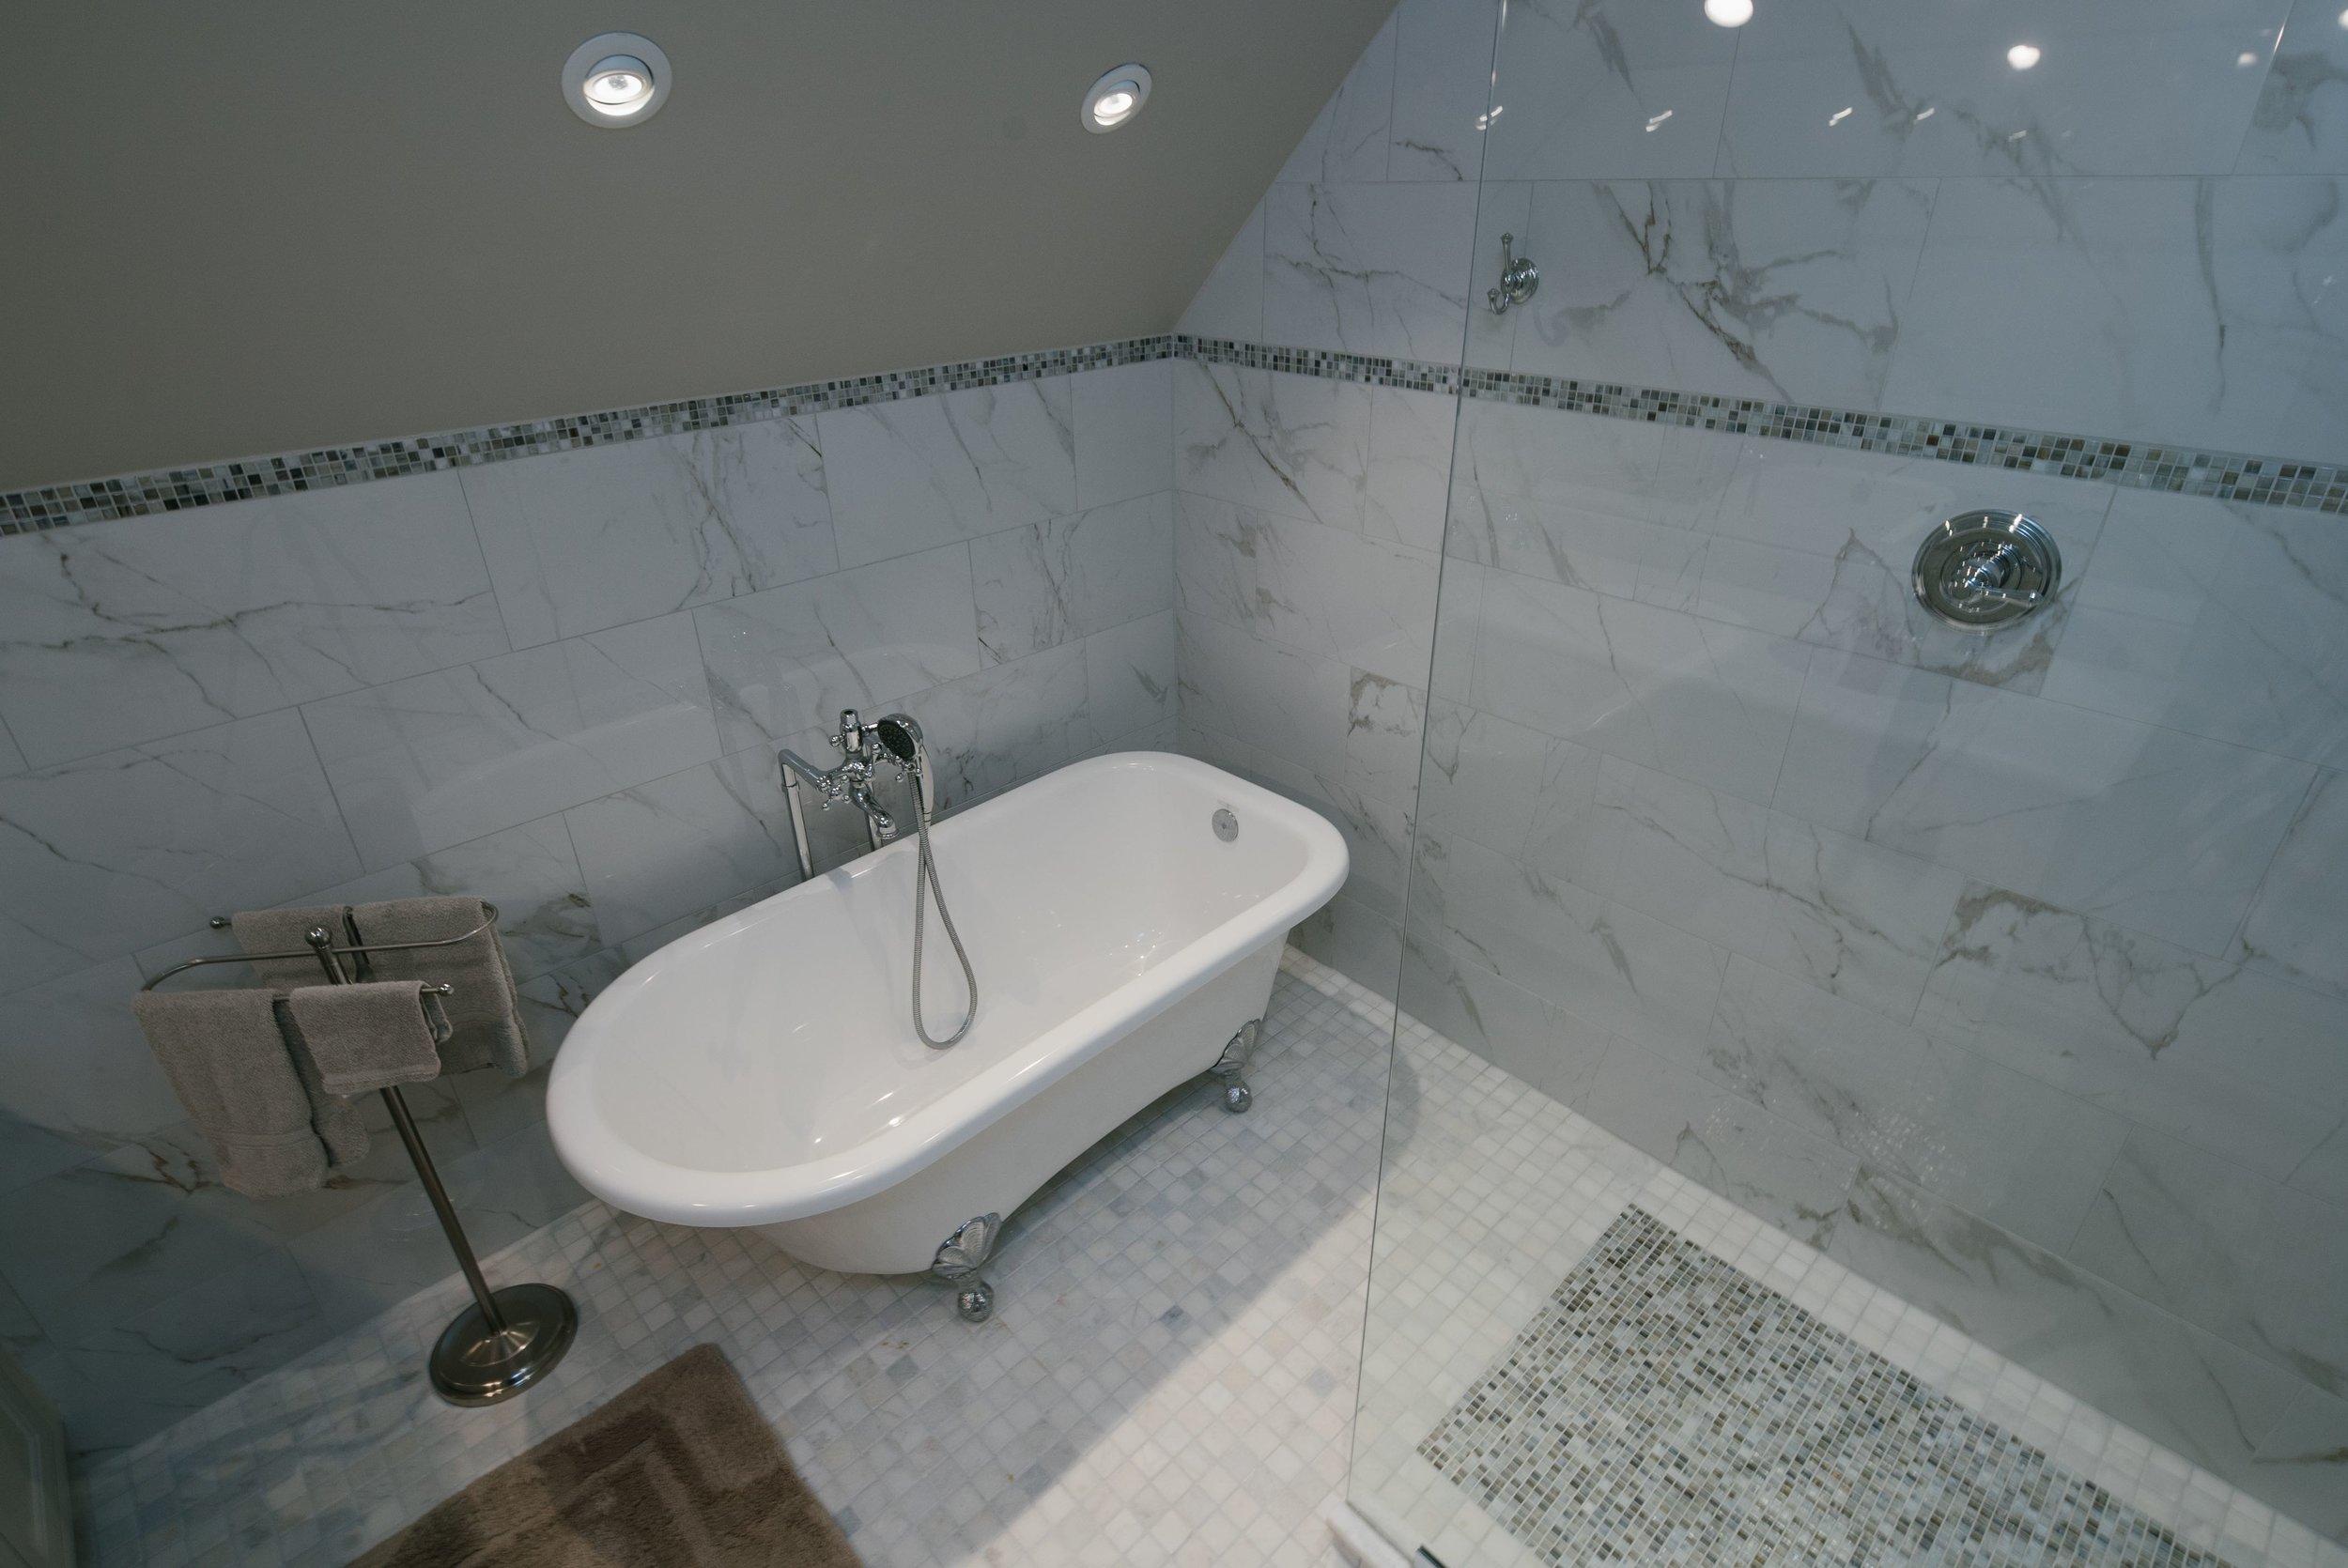 Walk in frameless glass shower, rain shower head, tile detail border, grey tile, marble tile, tile rug, paint, clawfoot bathtub.